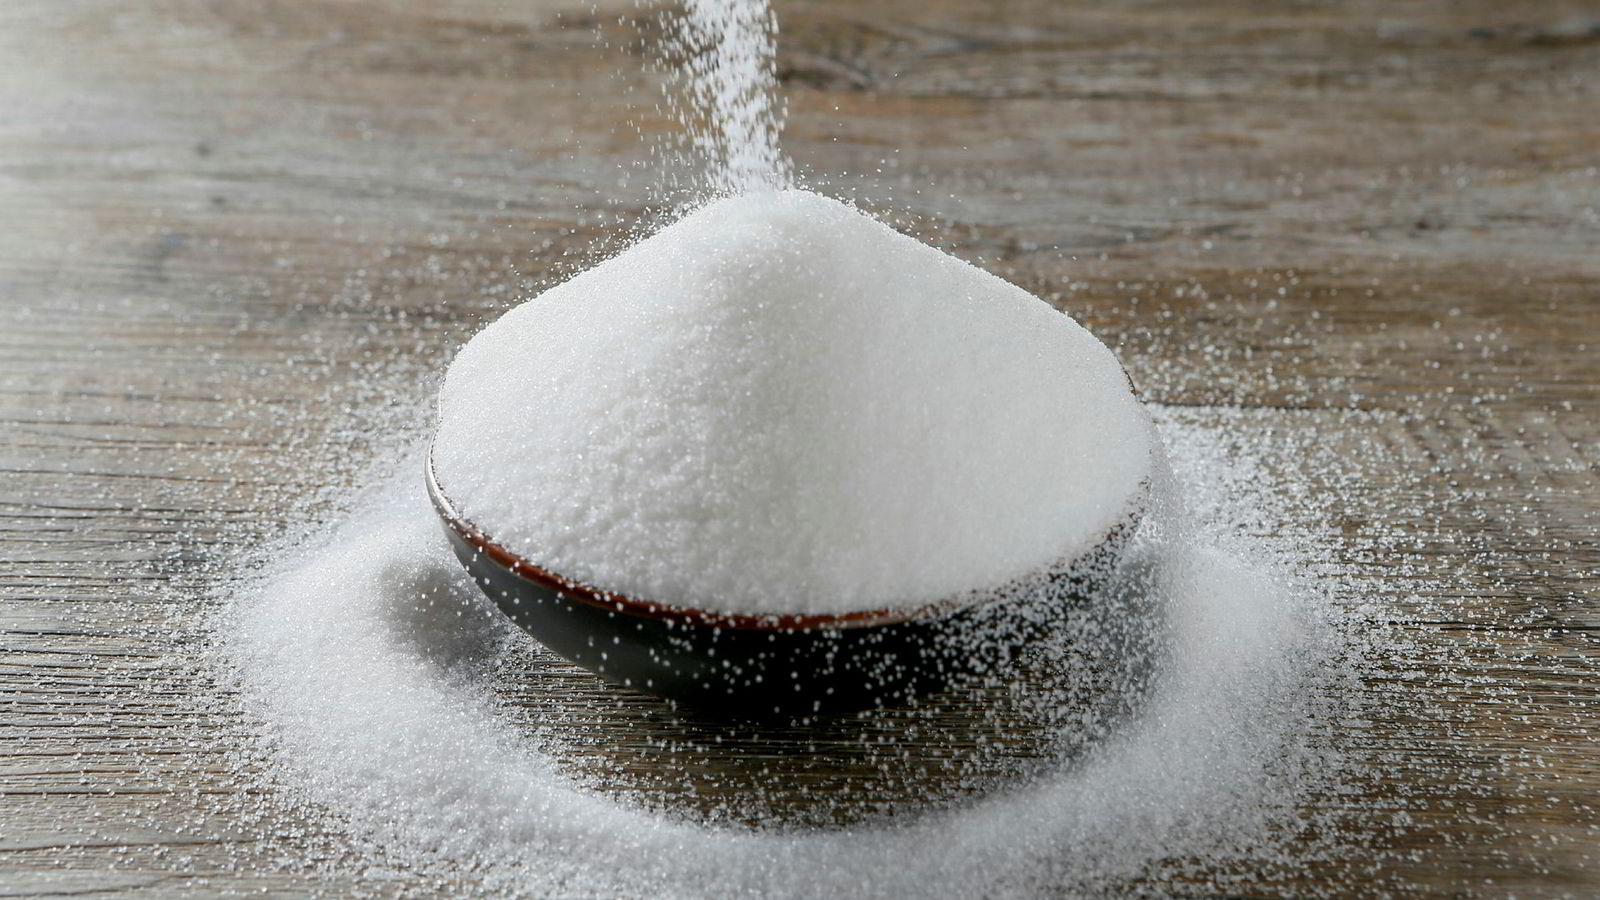 Verdens forbruk av sukker og kjøtt må halveres i løpet av 30 år, ifølge en rapport fra EAT-Lancet-kommisjonen.